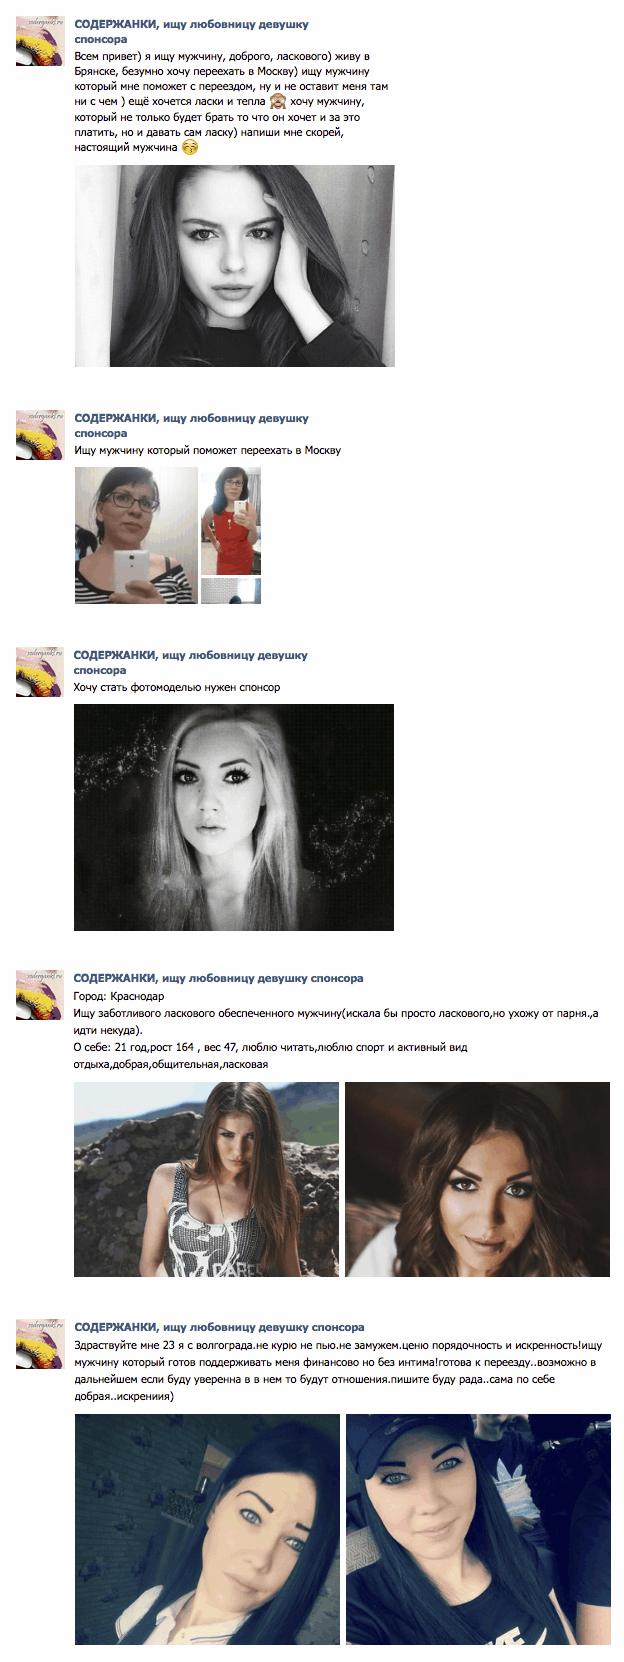 Страшные девушки тоже хотят секса 20 фотография